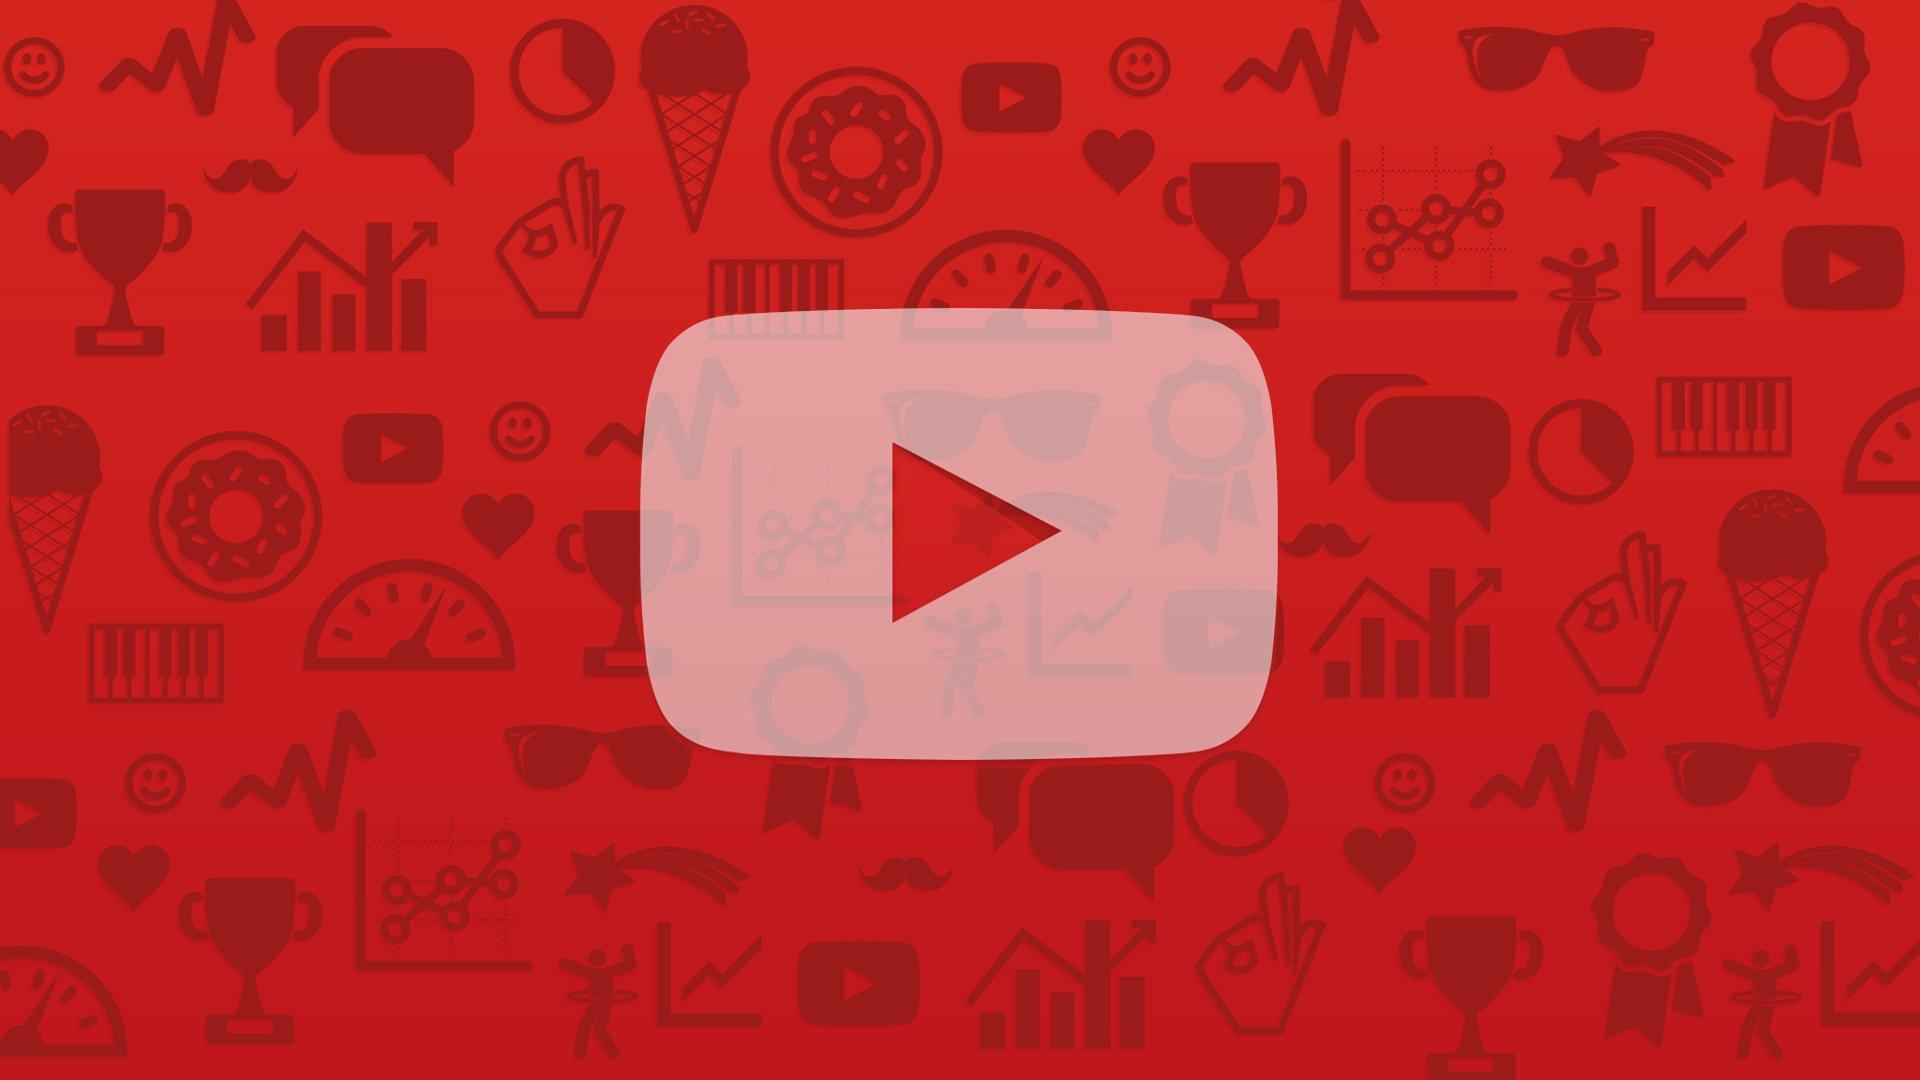 Logo de YouTube sobre fondo con sus categorías